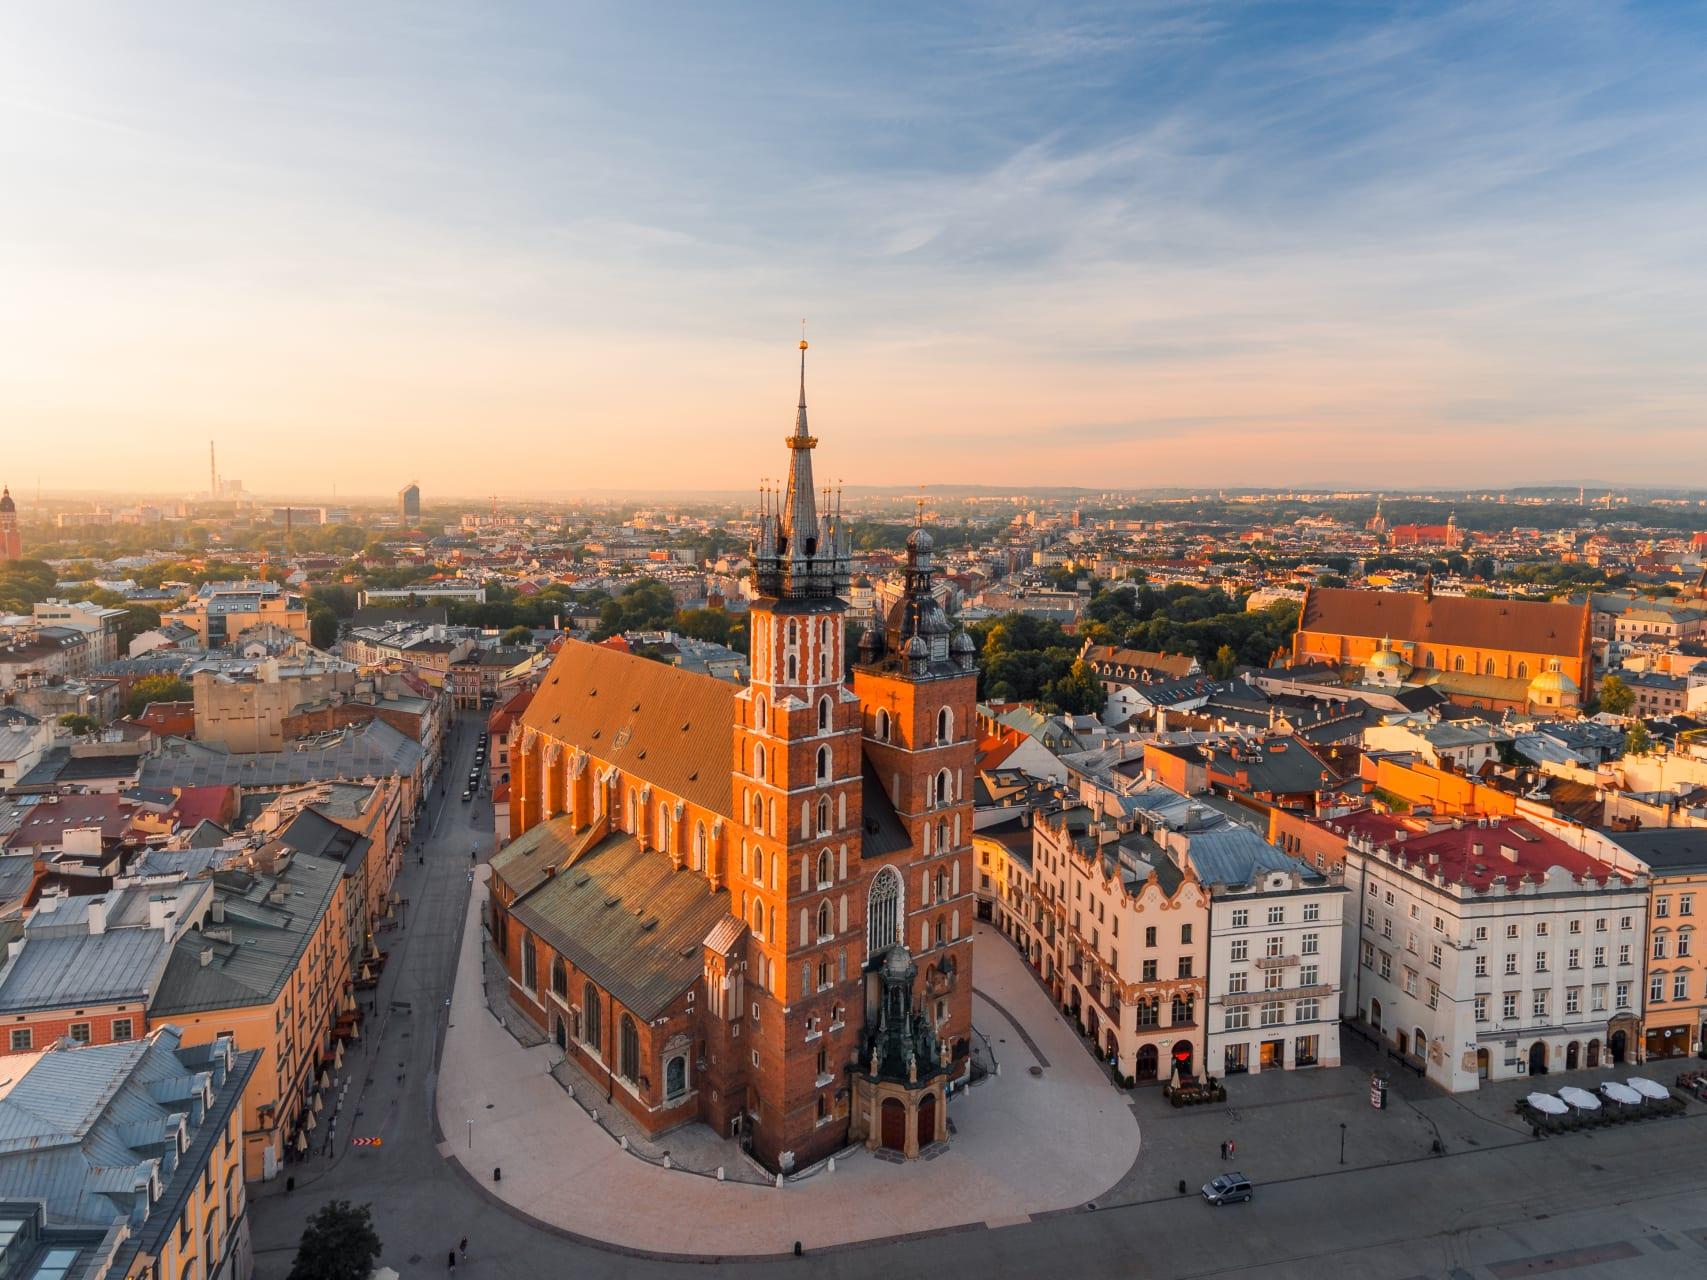 Krakow cover image